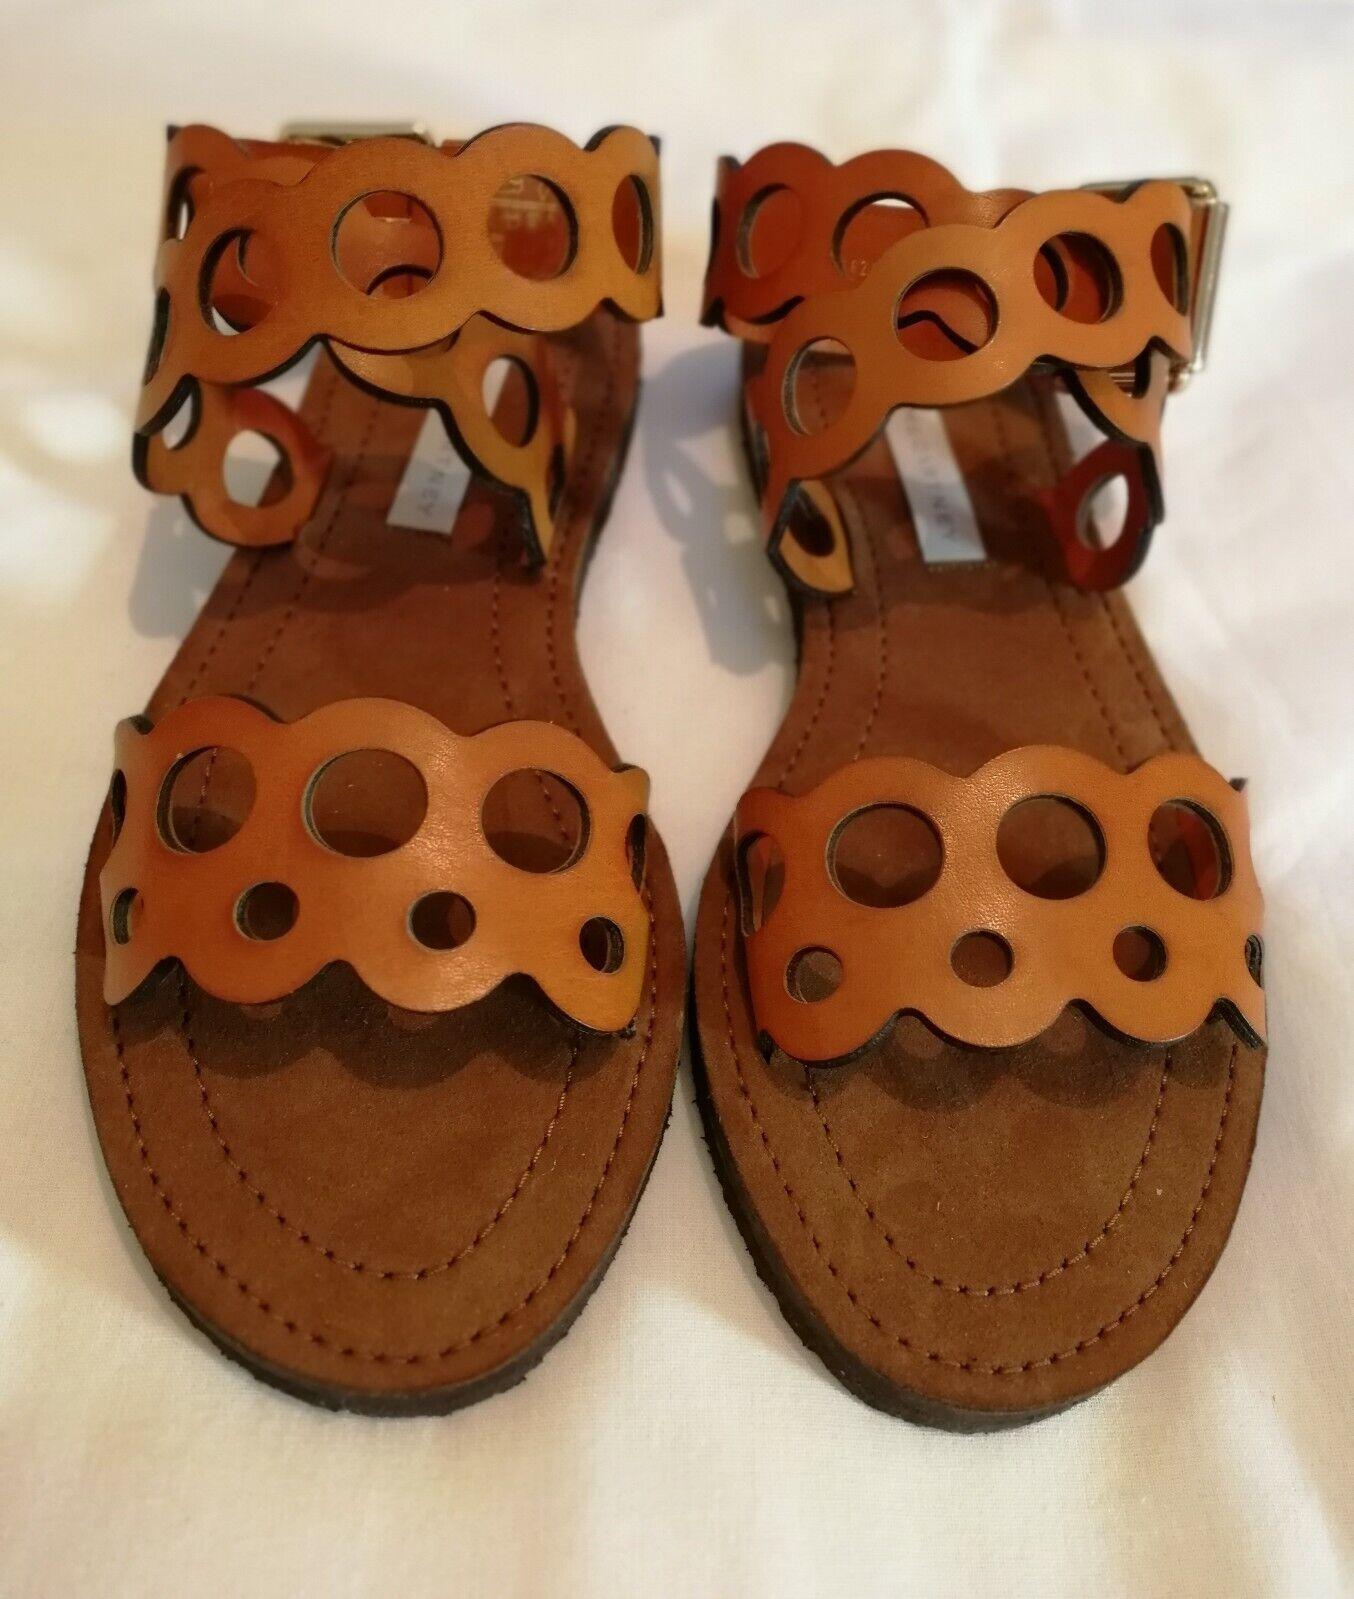 Stella McCartney Cutout Leather Flat Sandals Tan Size uk 4.5 eu 37.5